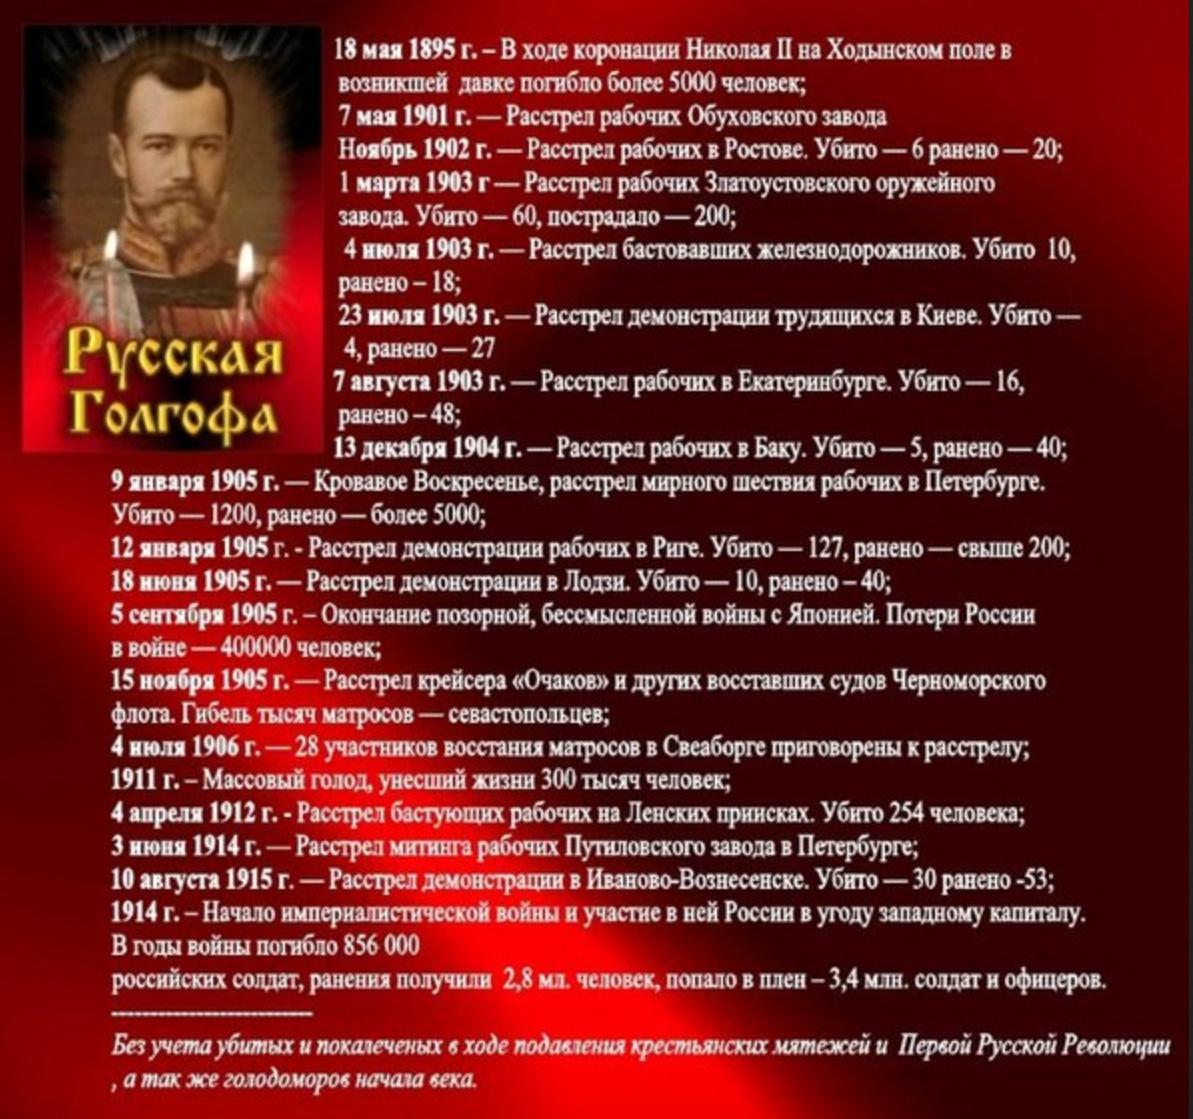 krovavyi-tsar-nikolai-2